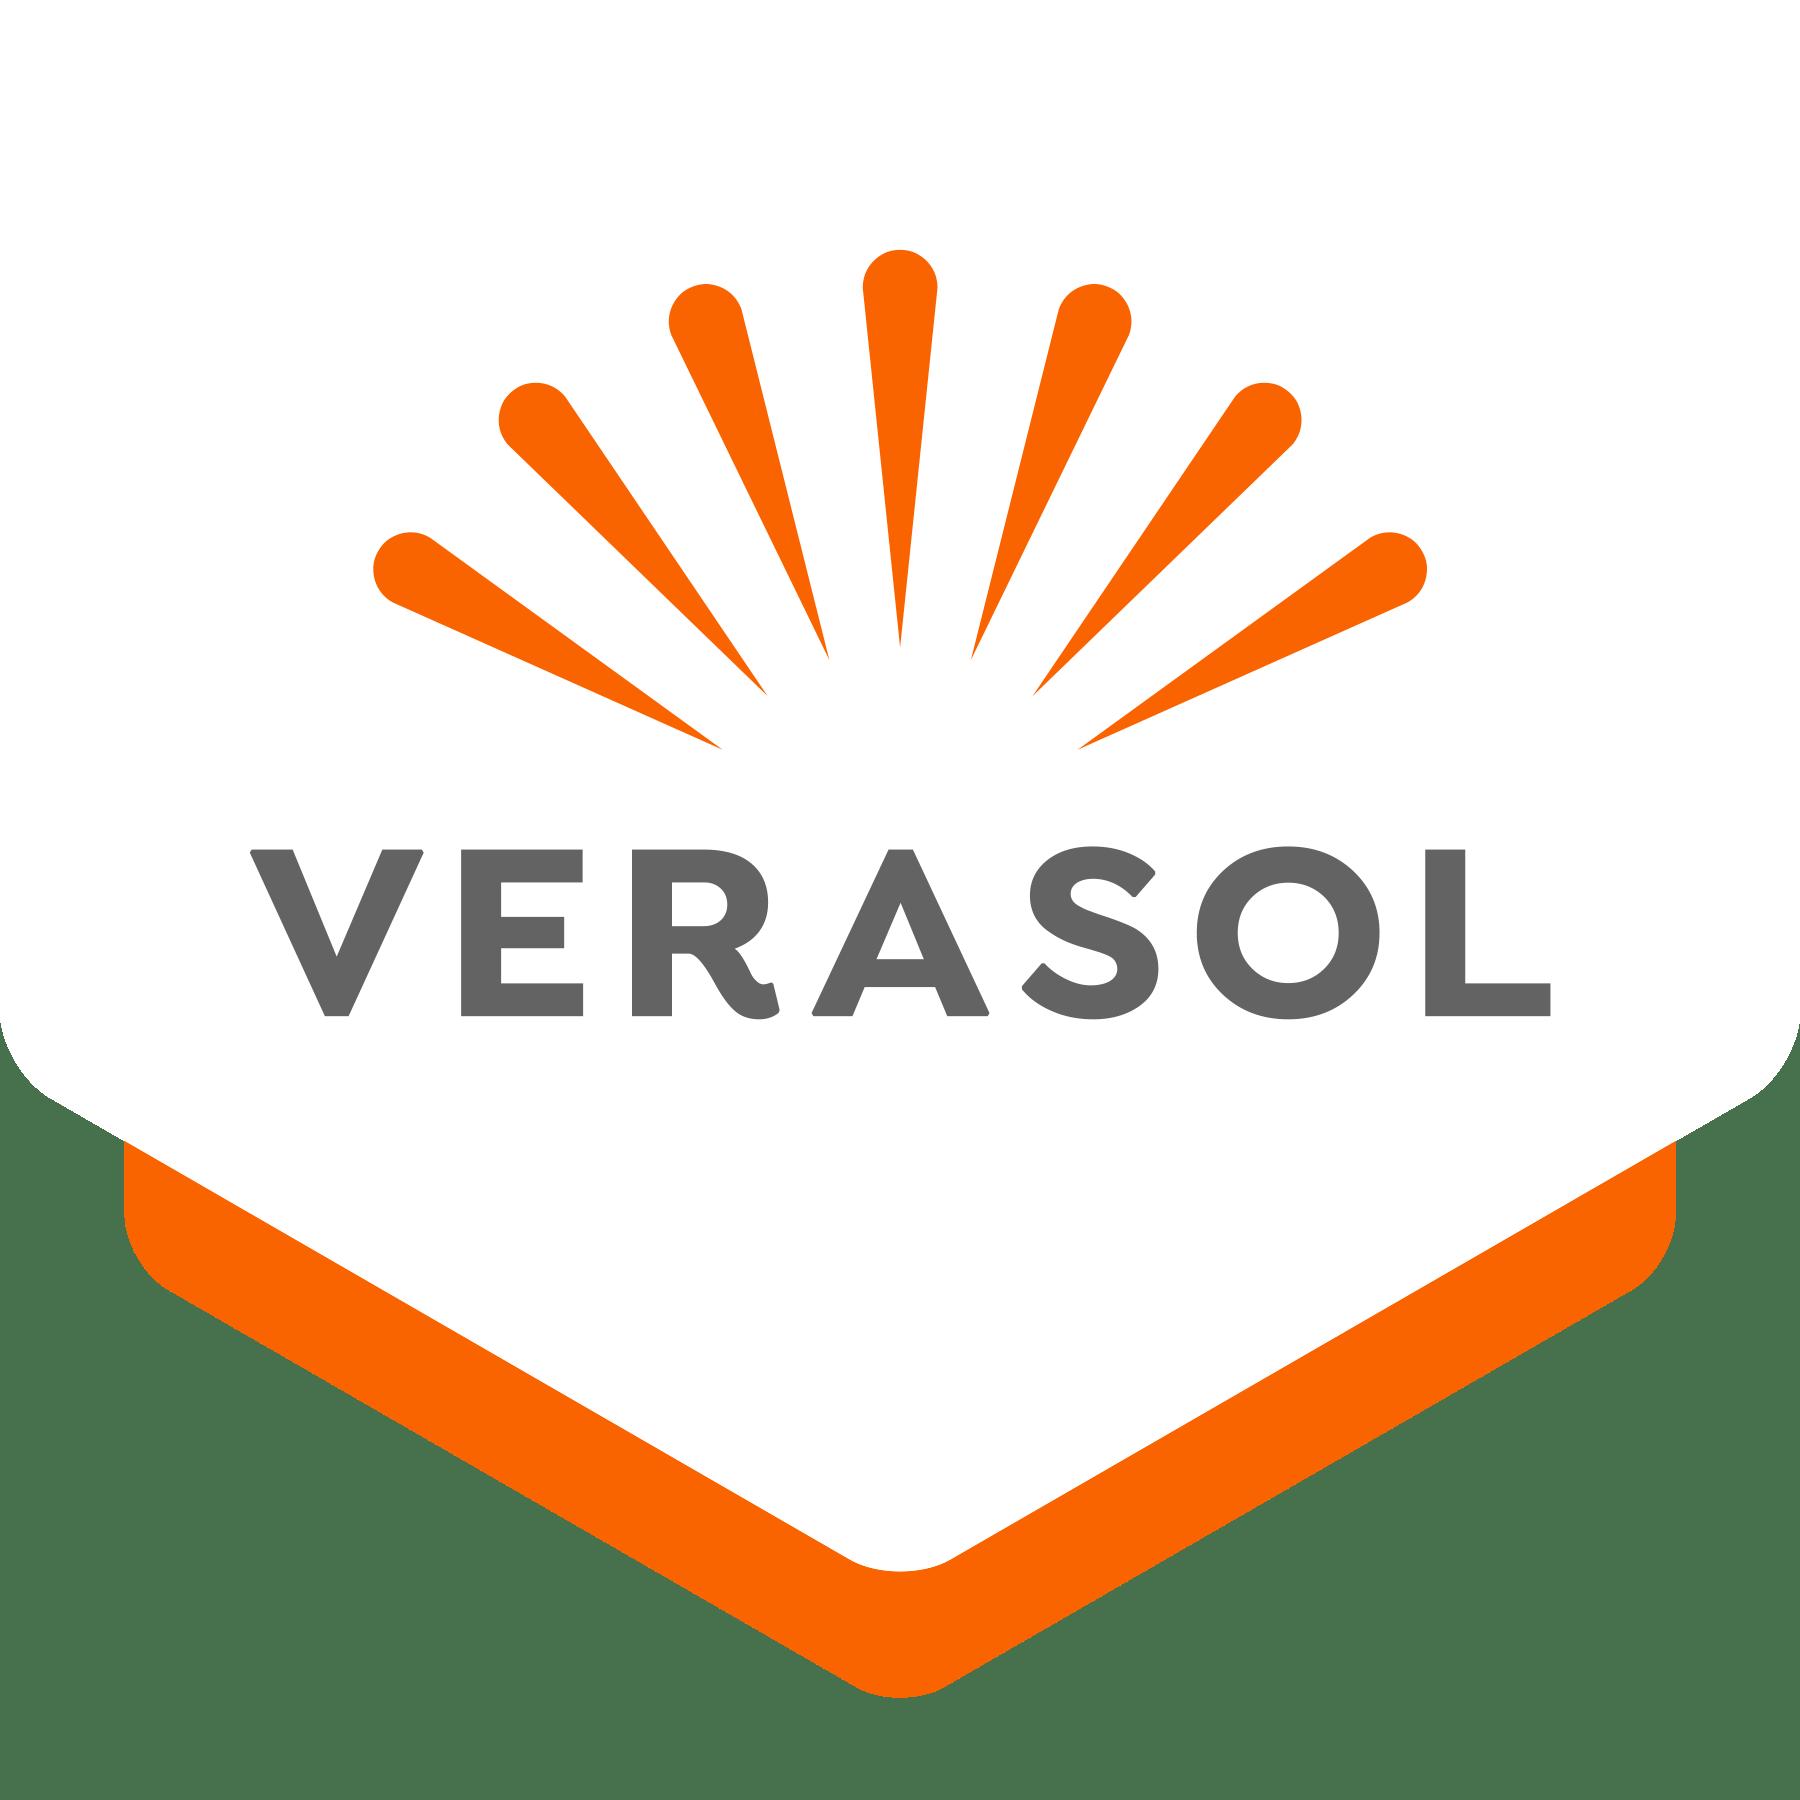 Verasol logo